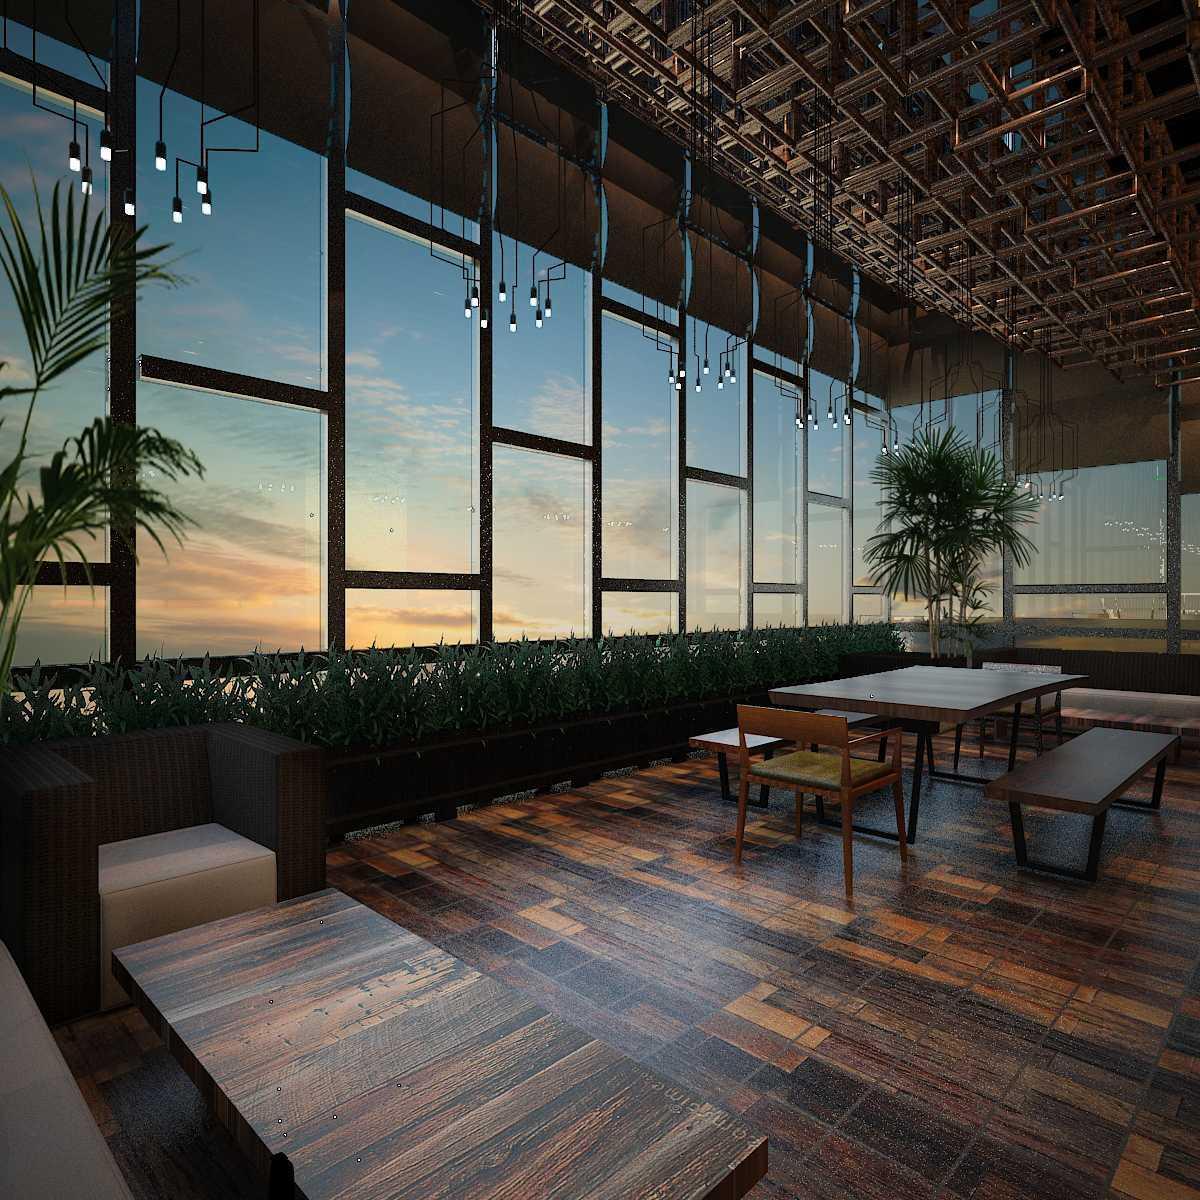 Pt Alradista Desain Indonesia Camar Lounge Pantai Indah Kapuk Pantai Indah Kapuk Seating Area  24235